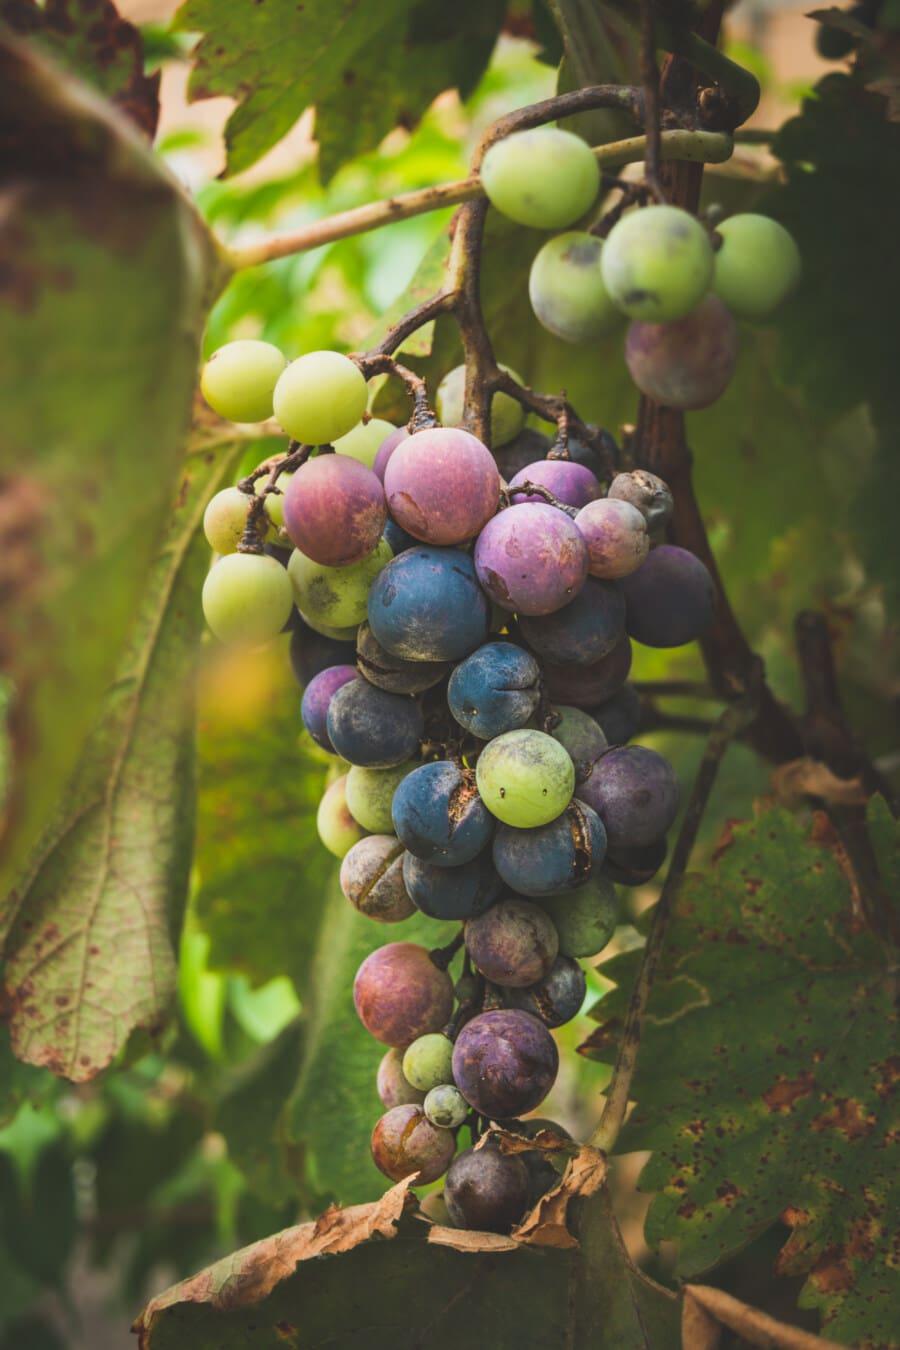 Weinrebe, Trauben, Obstbaum, Obst, Cluster, bunte, des ländlichen Raums, Landwirtschaft, Weinberg, Harvest